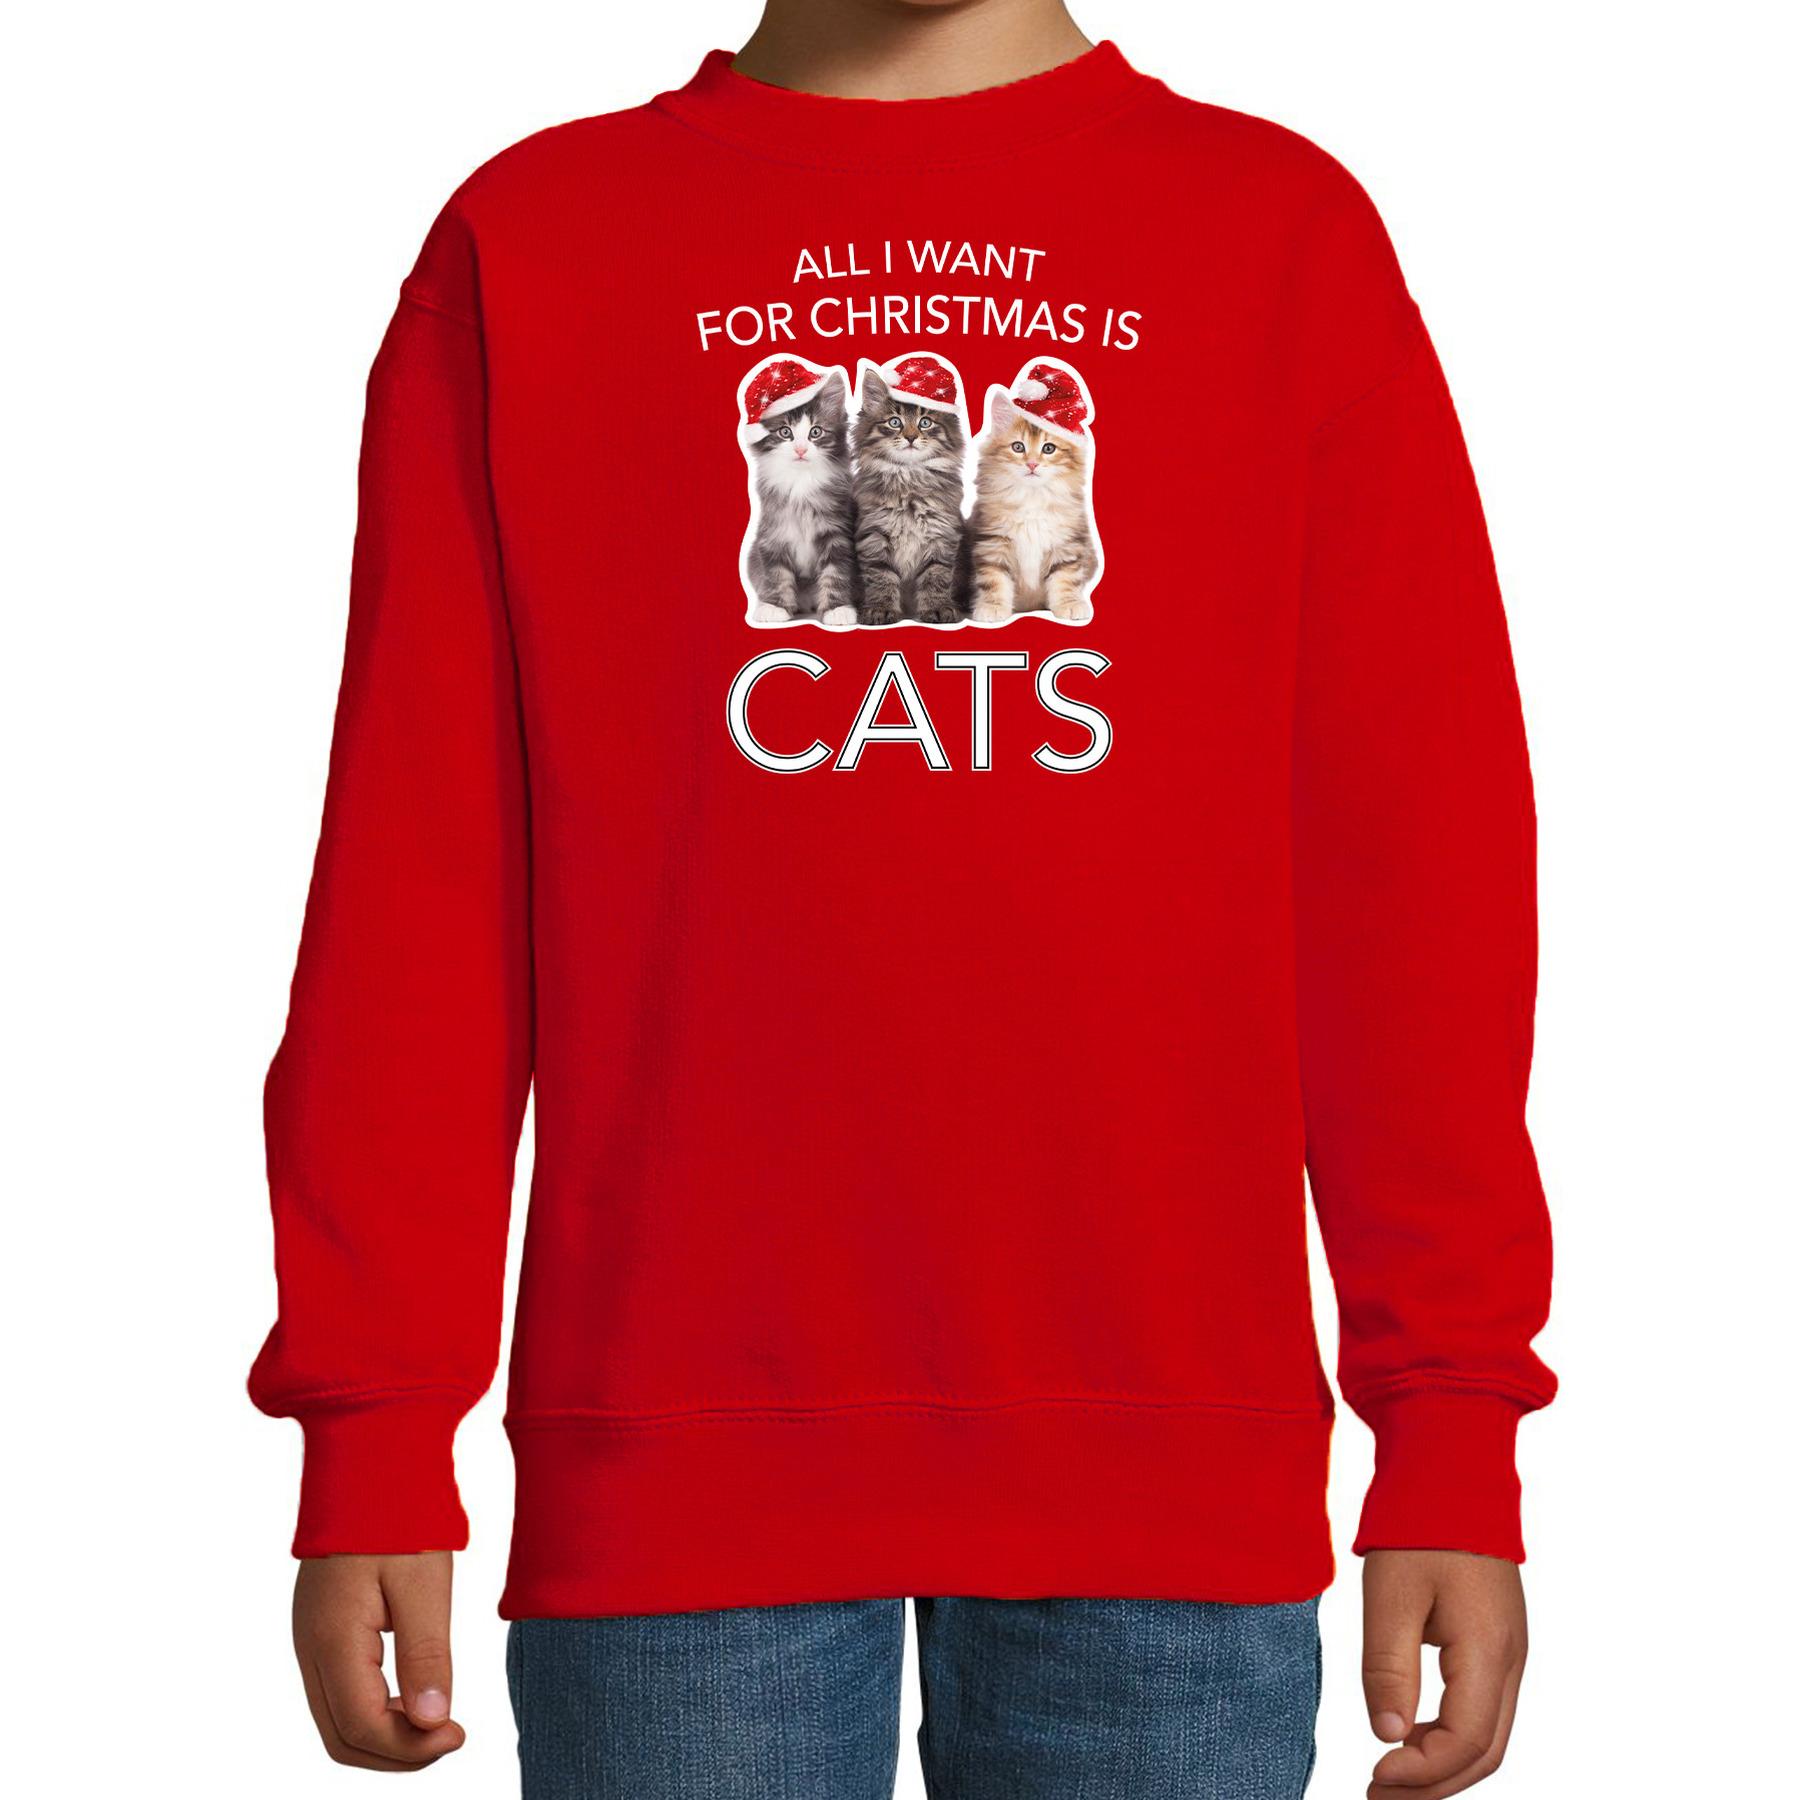 Rode Kersttrui - Kerstkleding All I want for christmas is cats voor kinderen 12-13 jaar (152/164) -